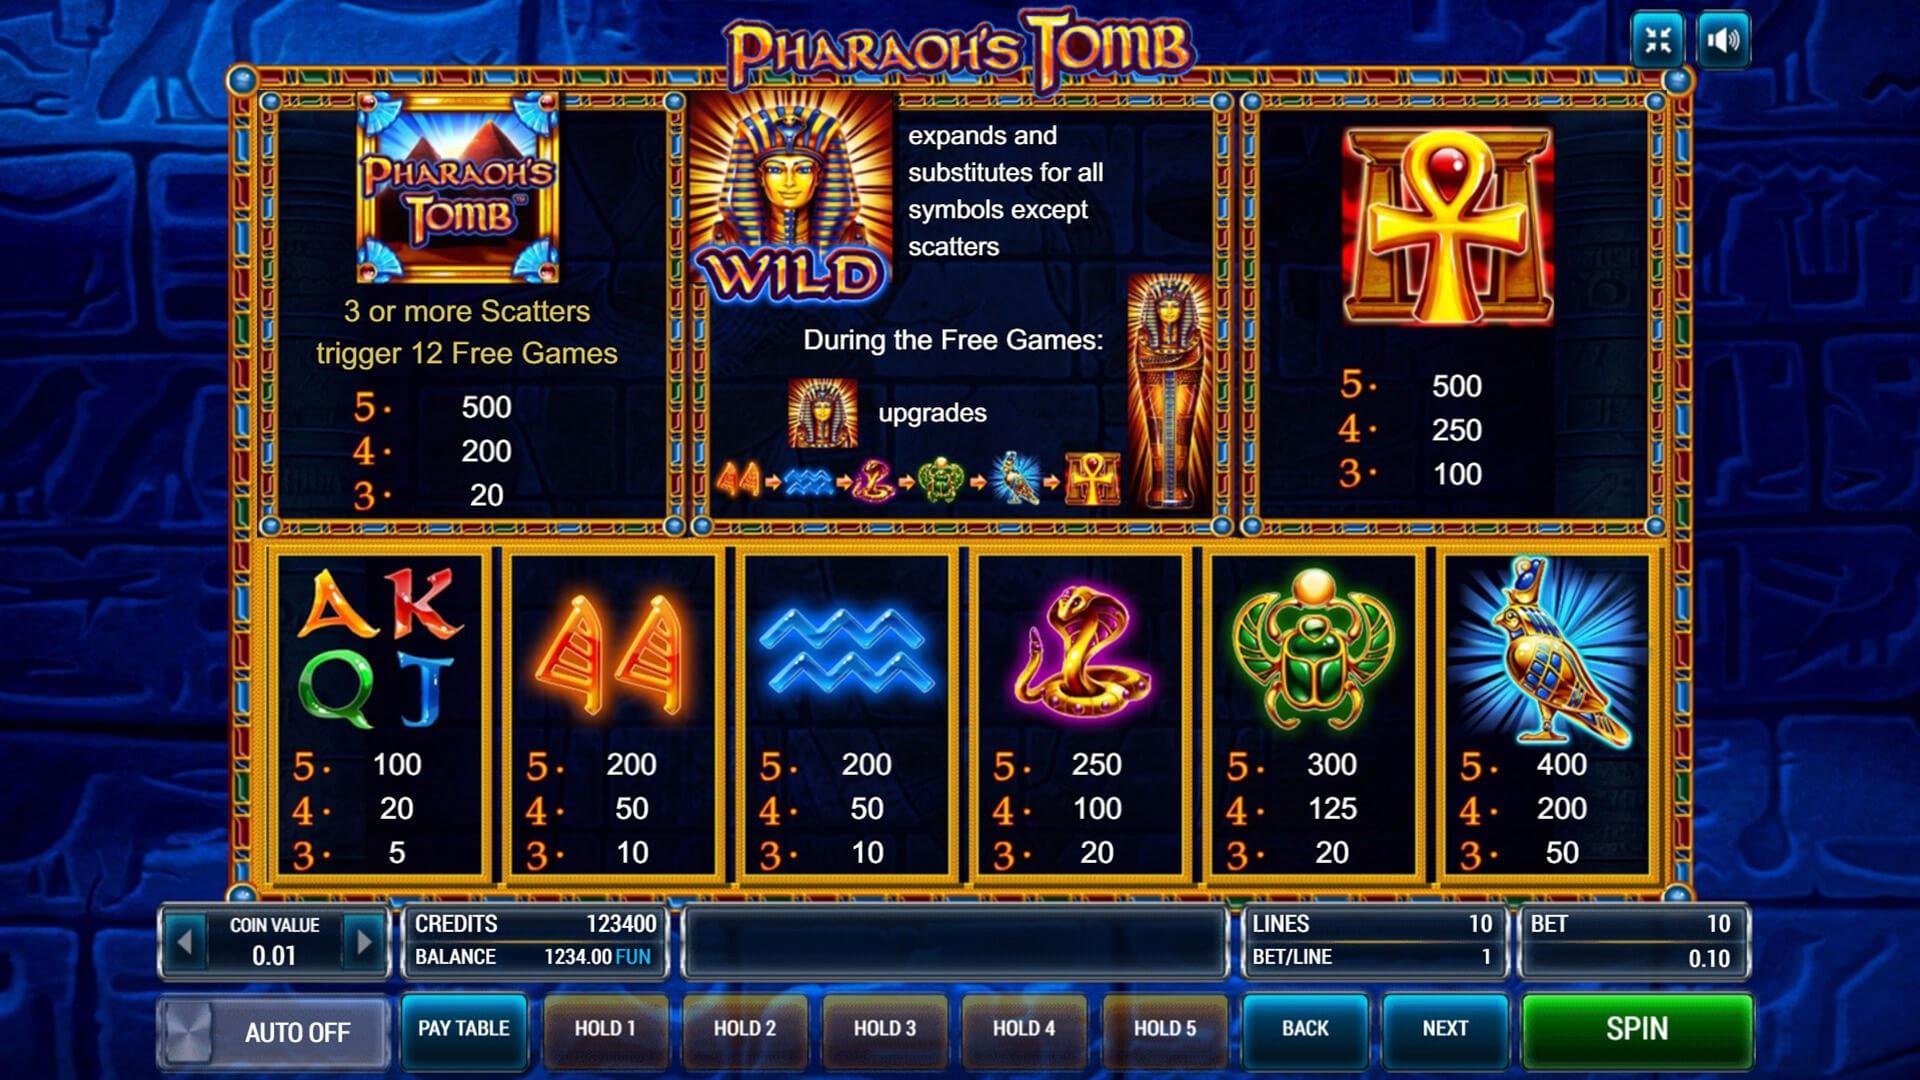 Изображение игрового автомата Pharaoh's Tomb 3